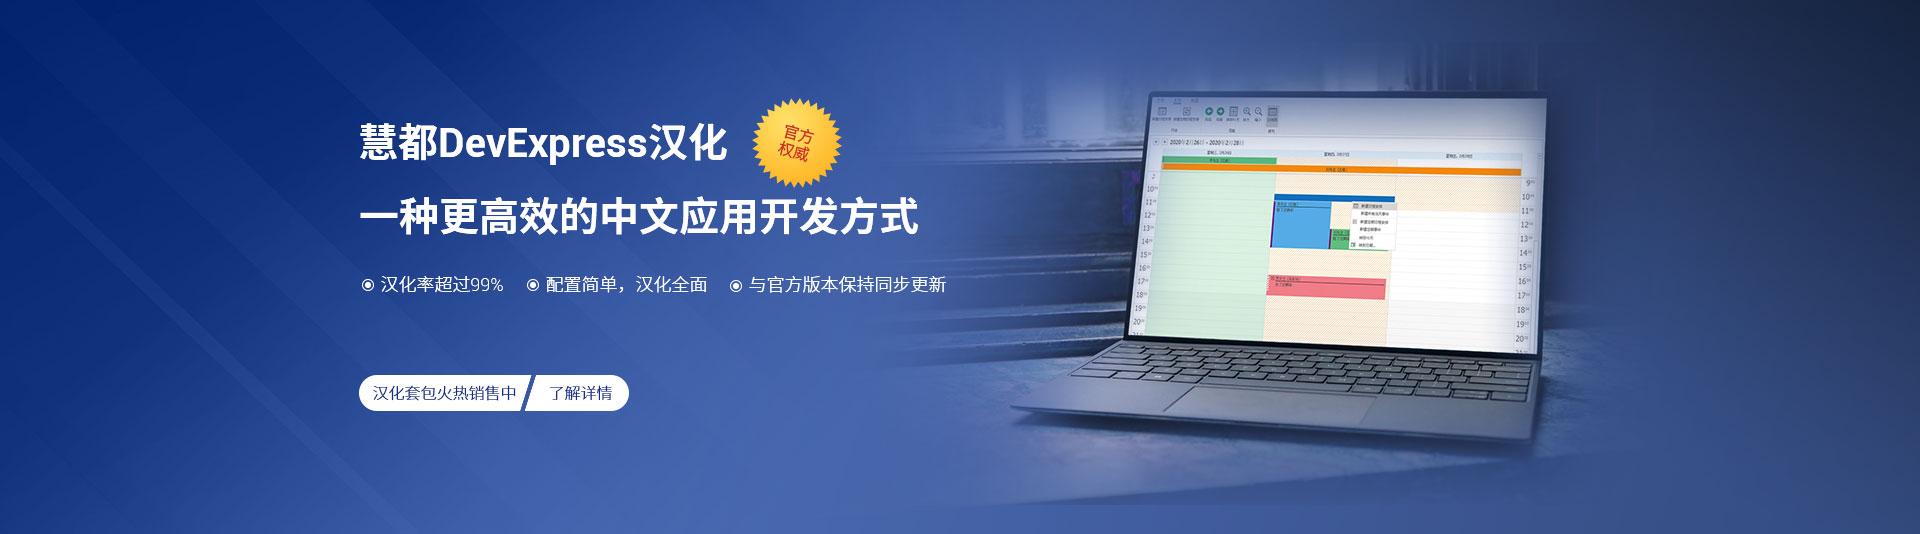 DevExpress汉化套包火热销售中 - 慧都网